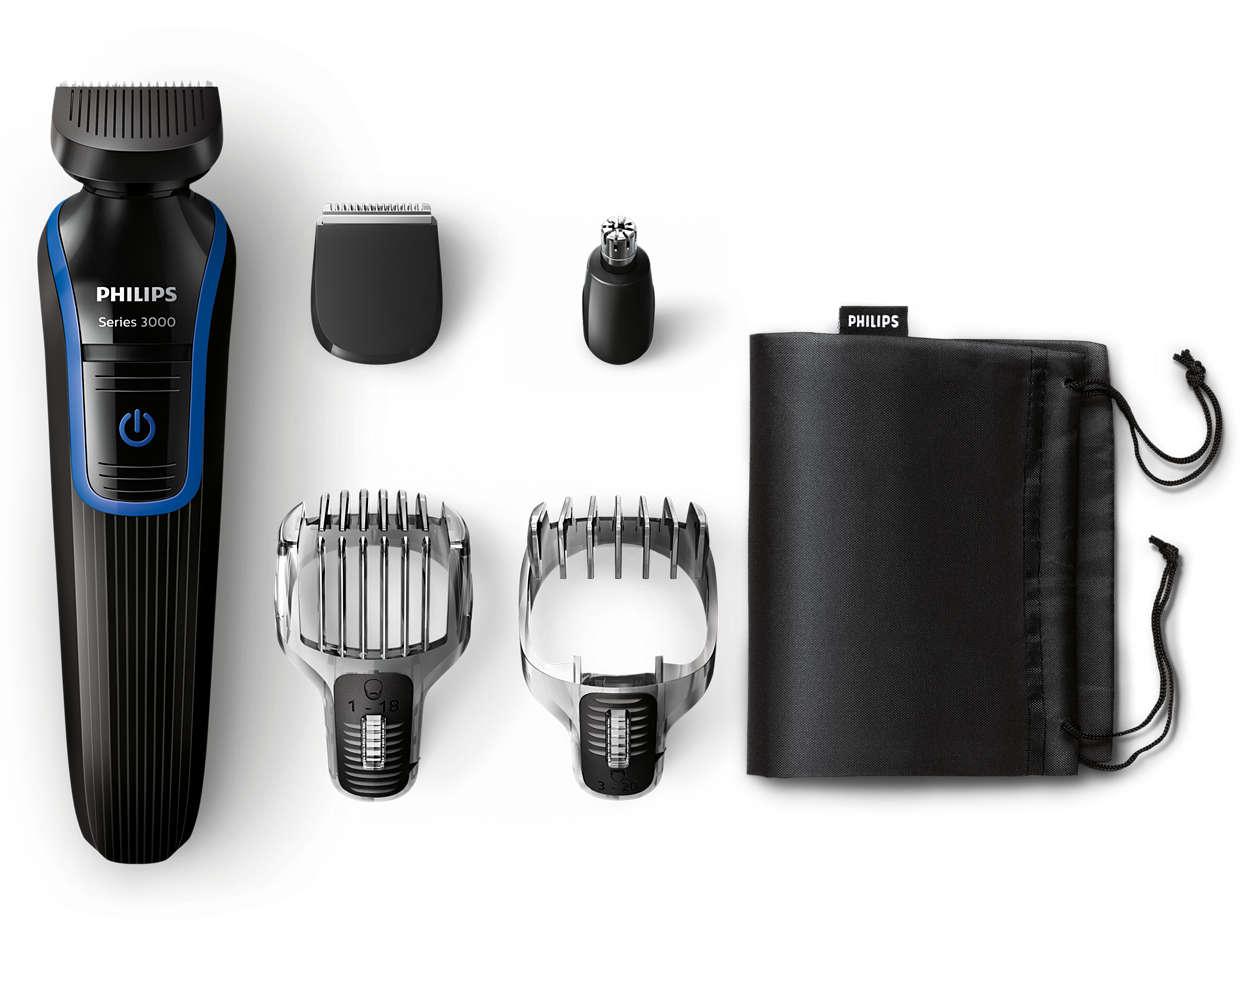 Univerzális szakáll- és hajvágó készülék